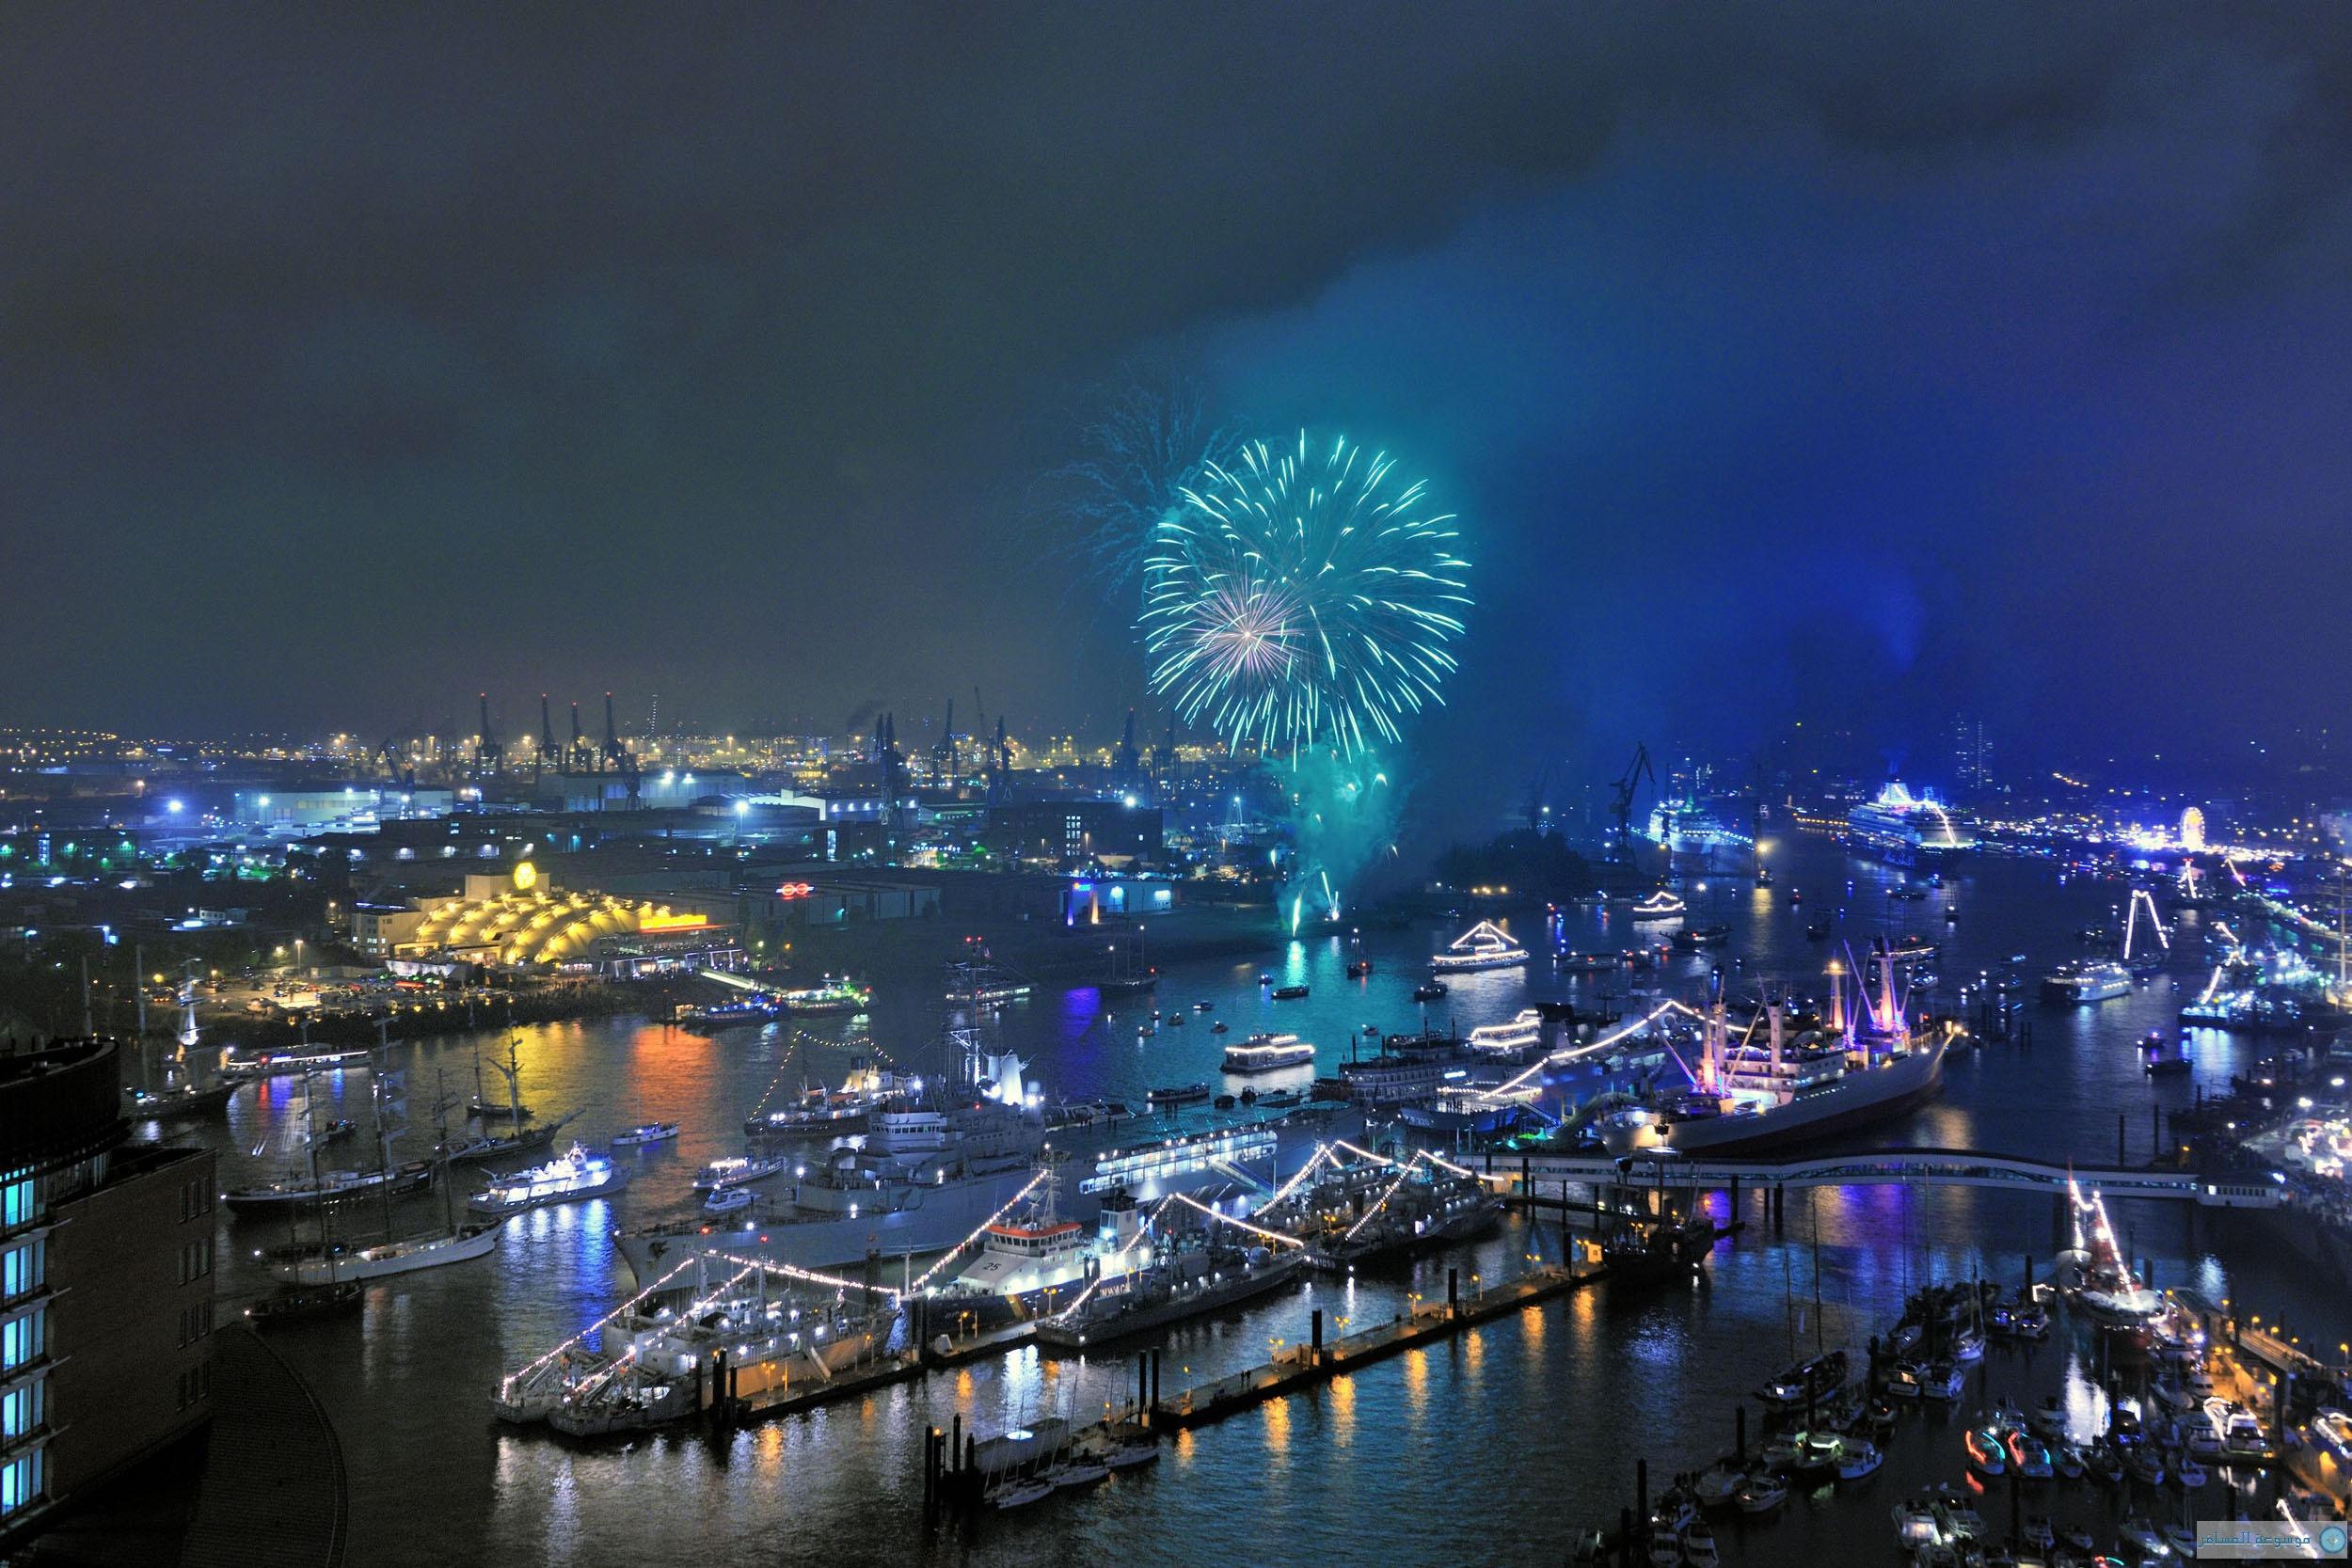 """""""الميناء الأزرق في هامبورغ"""" فعالية سياحية وفنية مذهلة في ألمانيا"""